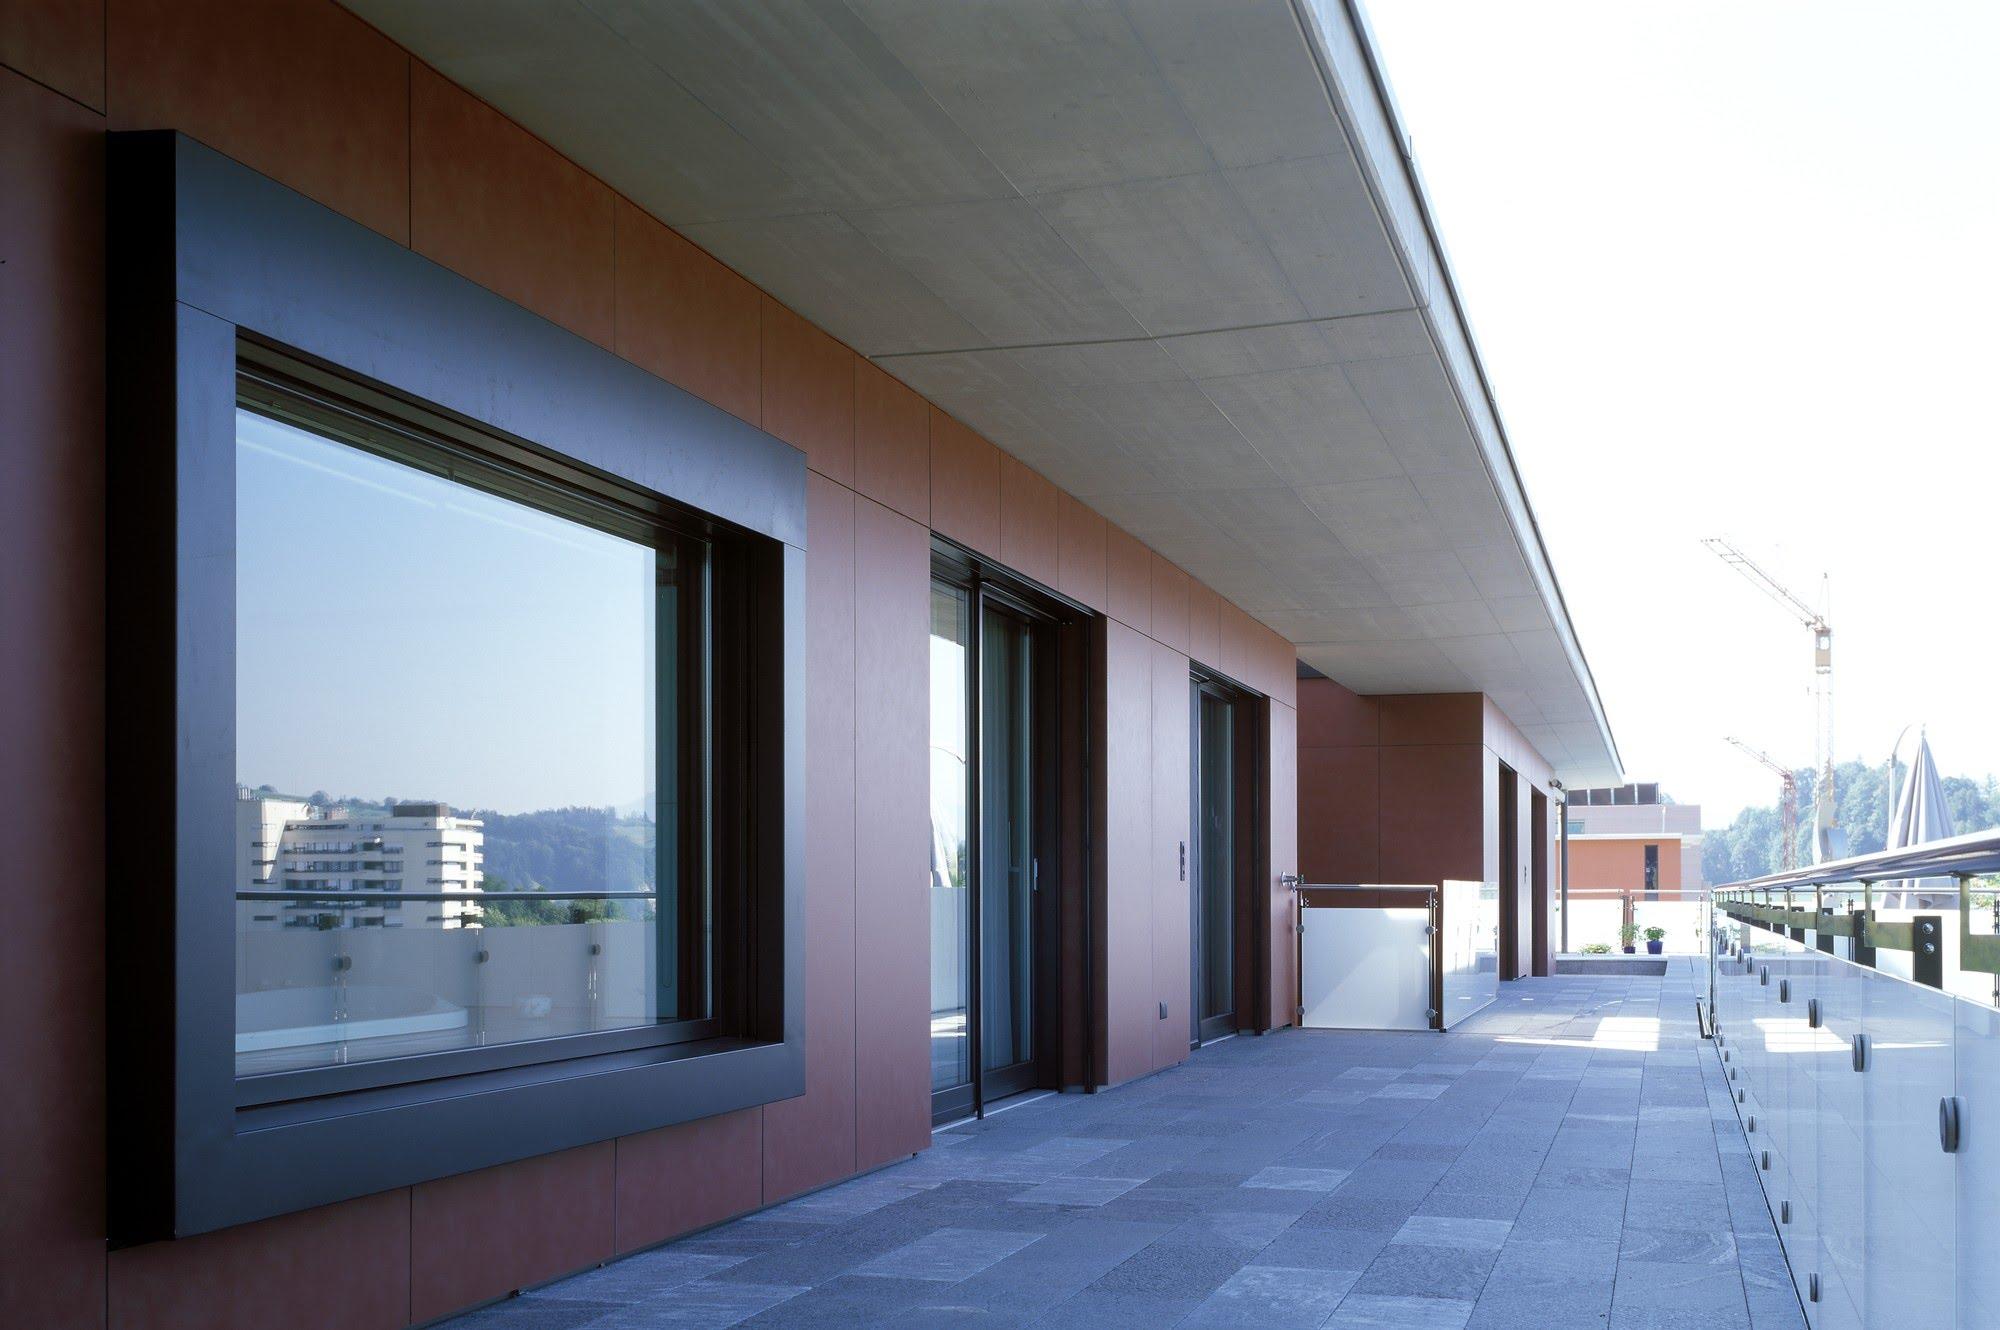 Wohnen EFH EFH im Hiltenrain Architektur,Wohnungsbau,Wohnhäuser,Einfamilienhäuser,Mehrfamilienhäuser